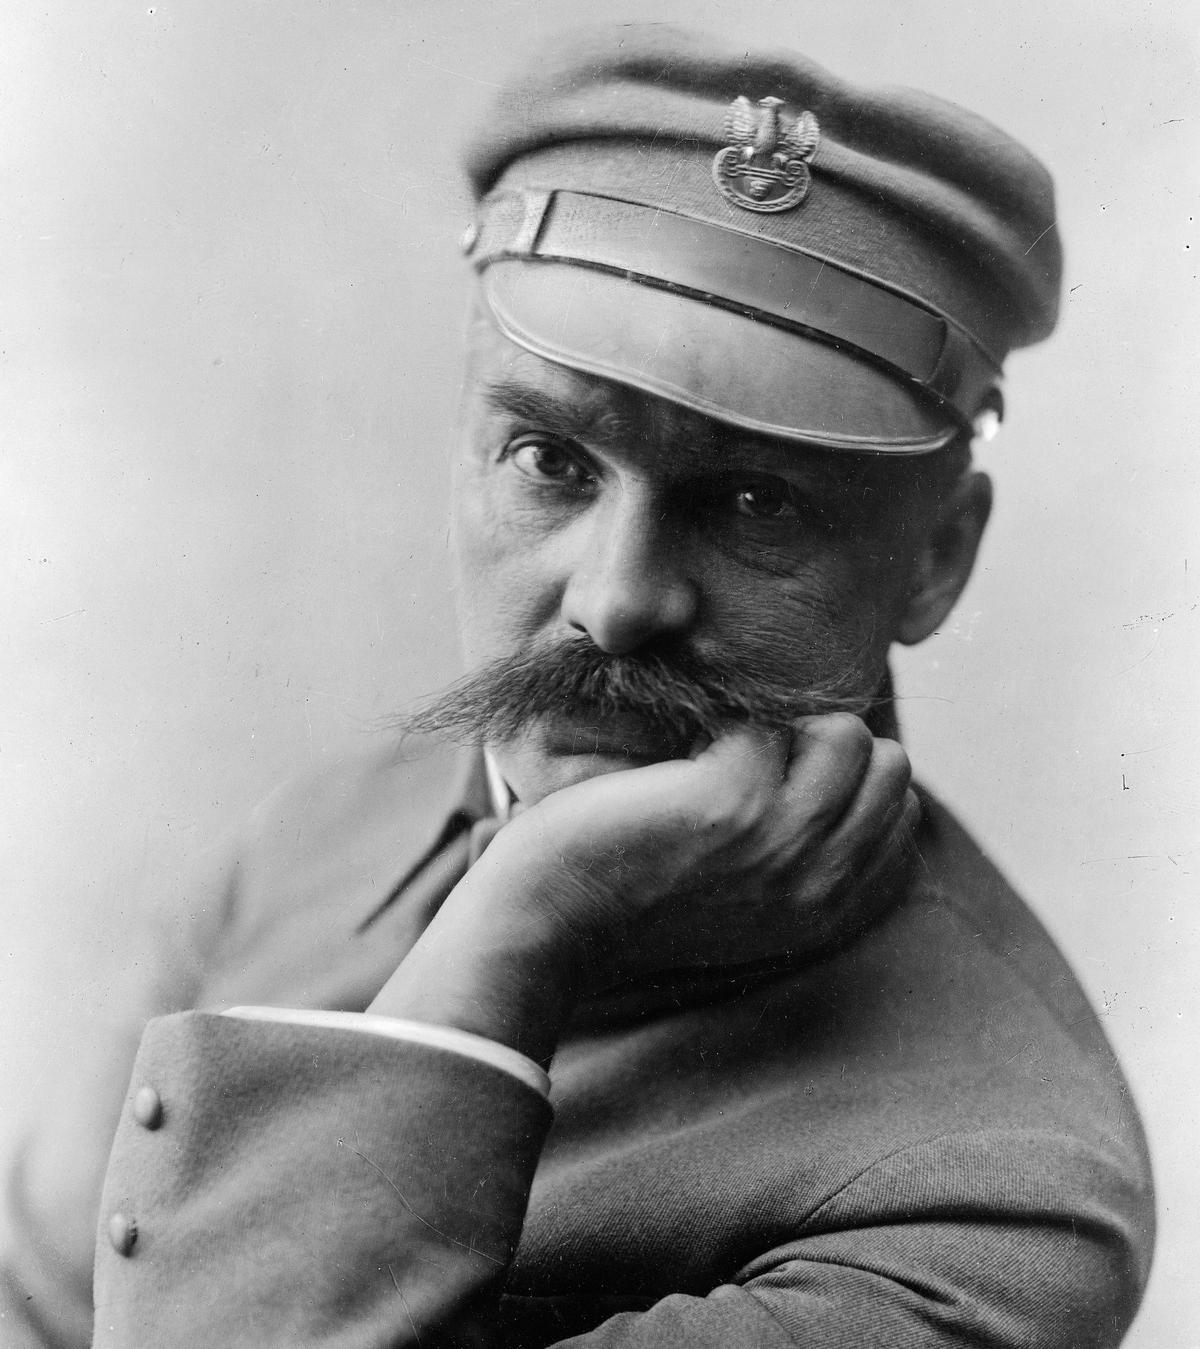 Józef Piłsudski nigdy nie został dowódcą Legionów Polskich. Stał na czele jedynie I Brygady.